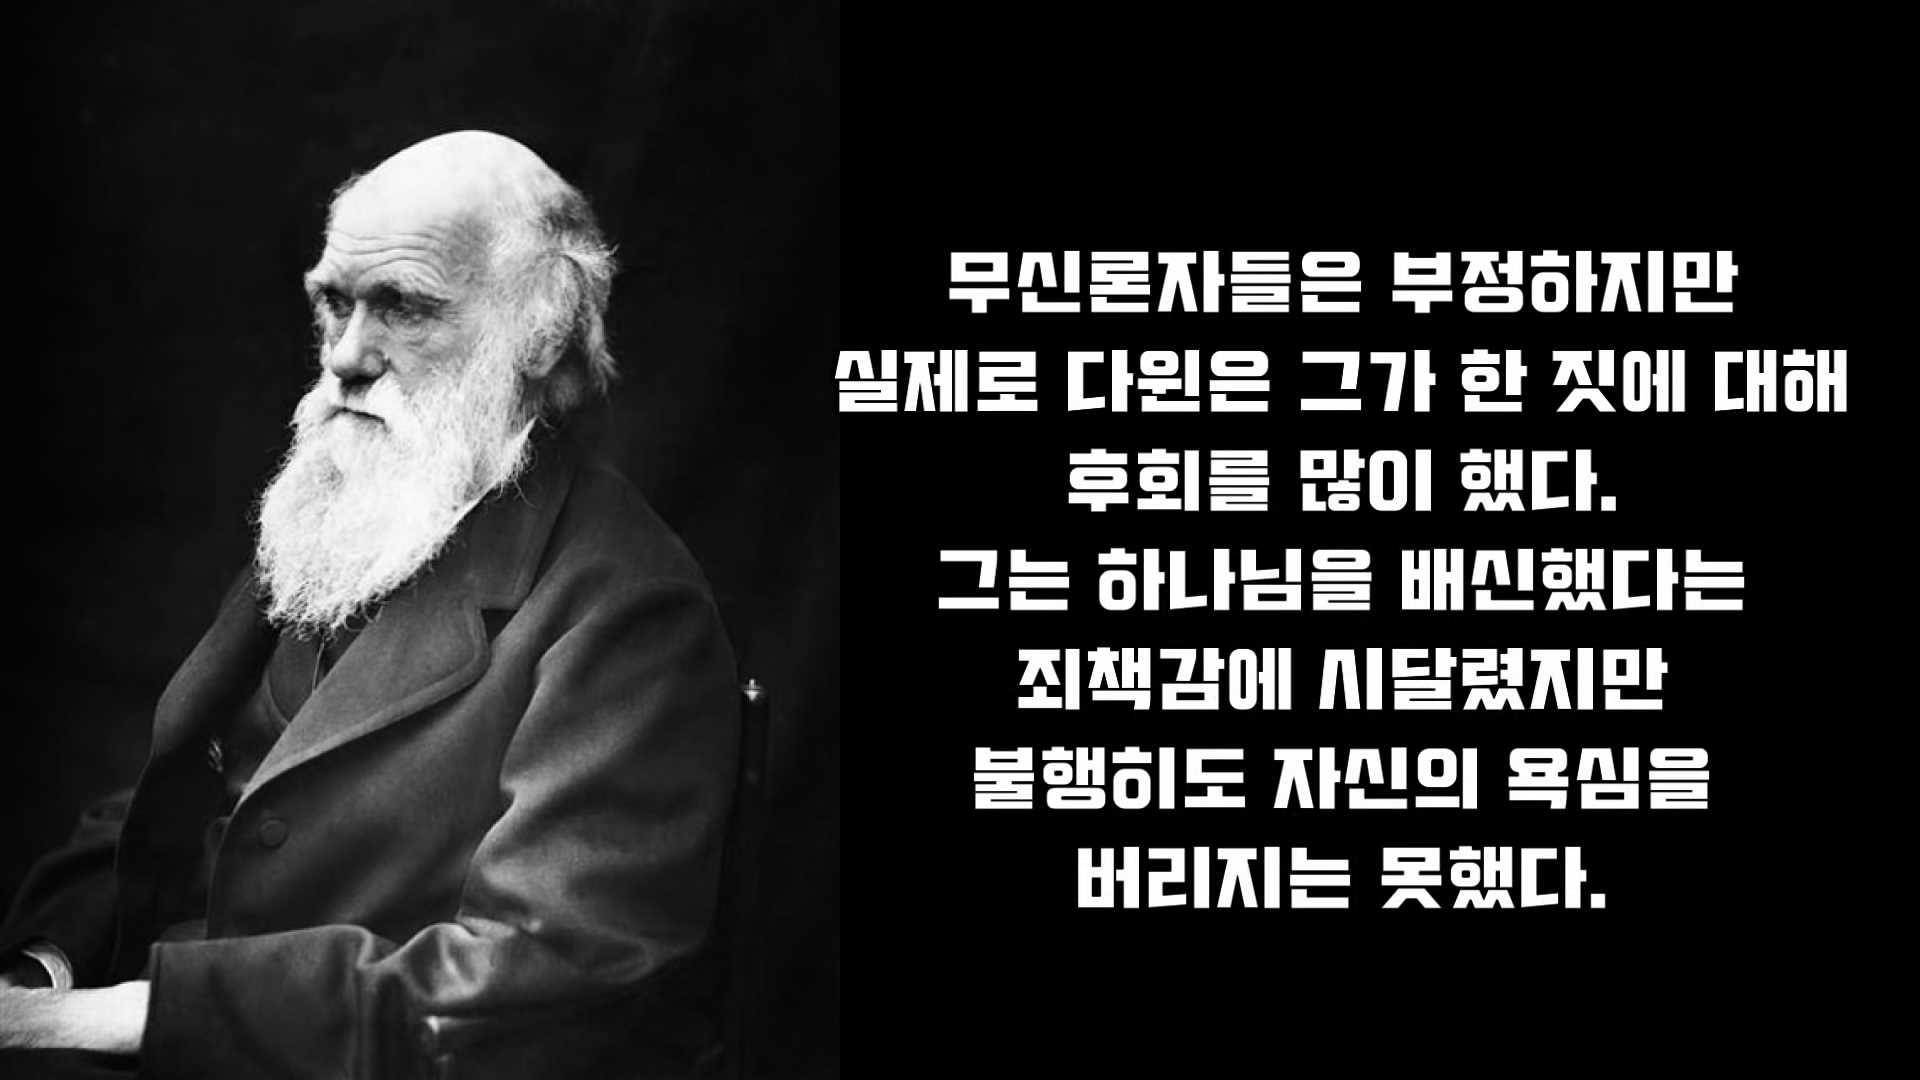 찰스 다윈의 인생과 그의 정신병.mp4_000429462.jpg